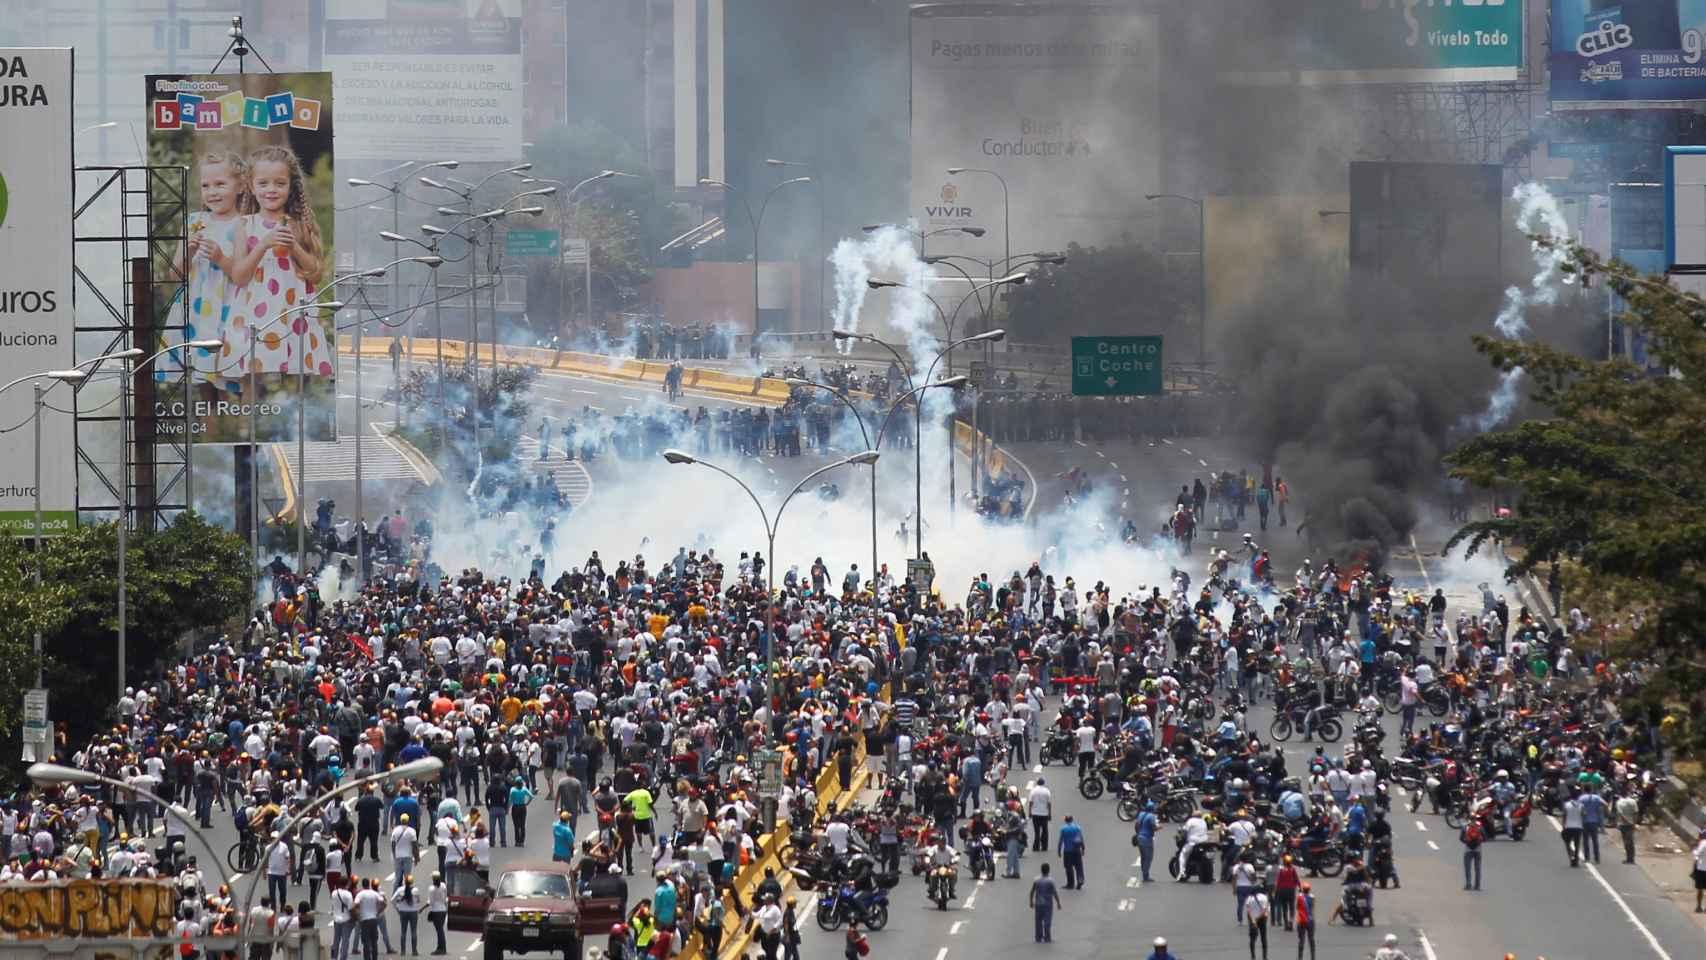 La Policía venezolana reprime la quinta manifestación opositora en 10 días